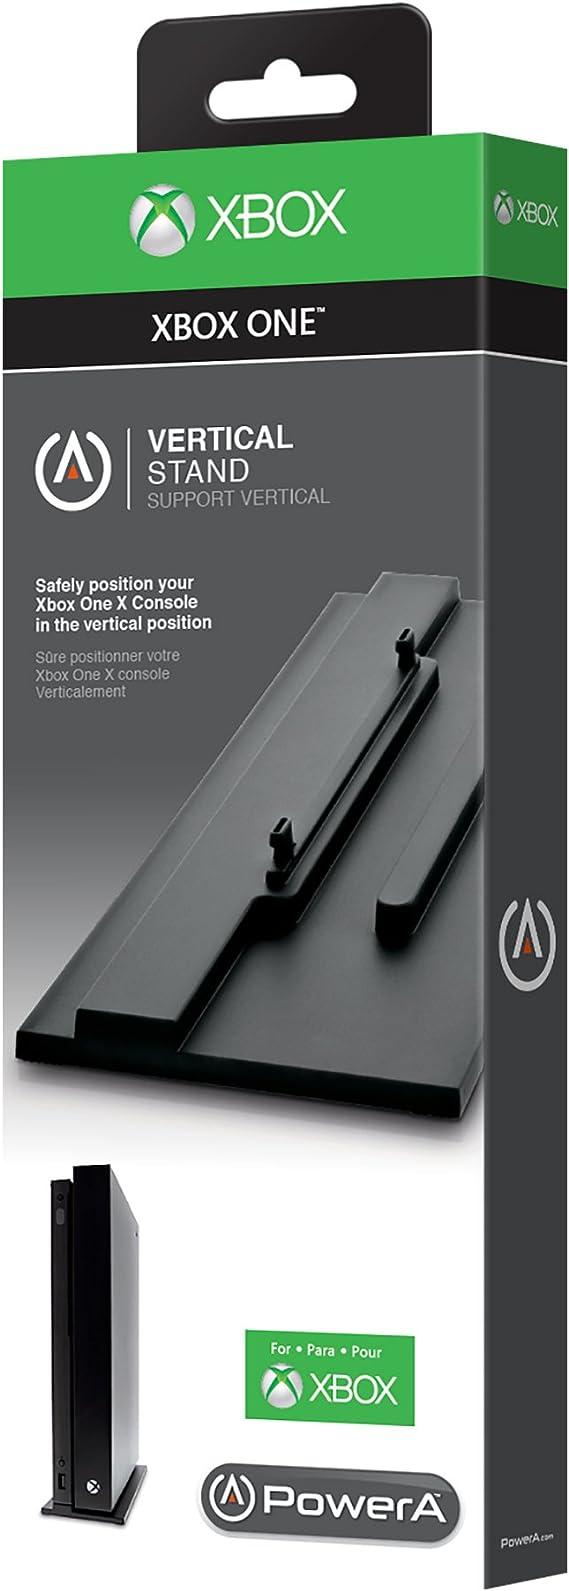 Soporte Vertical Para Xbox One: Amazon.es: Videojuegos